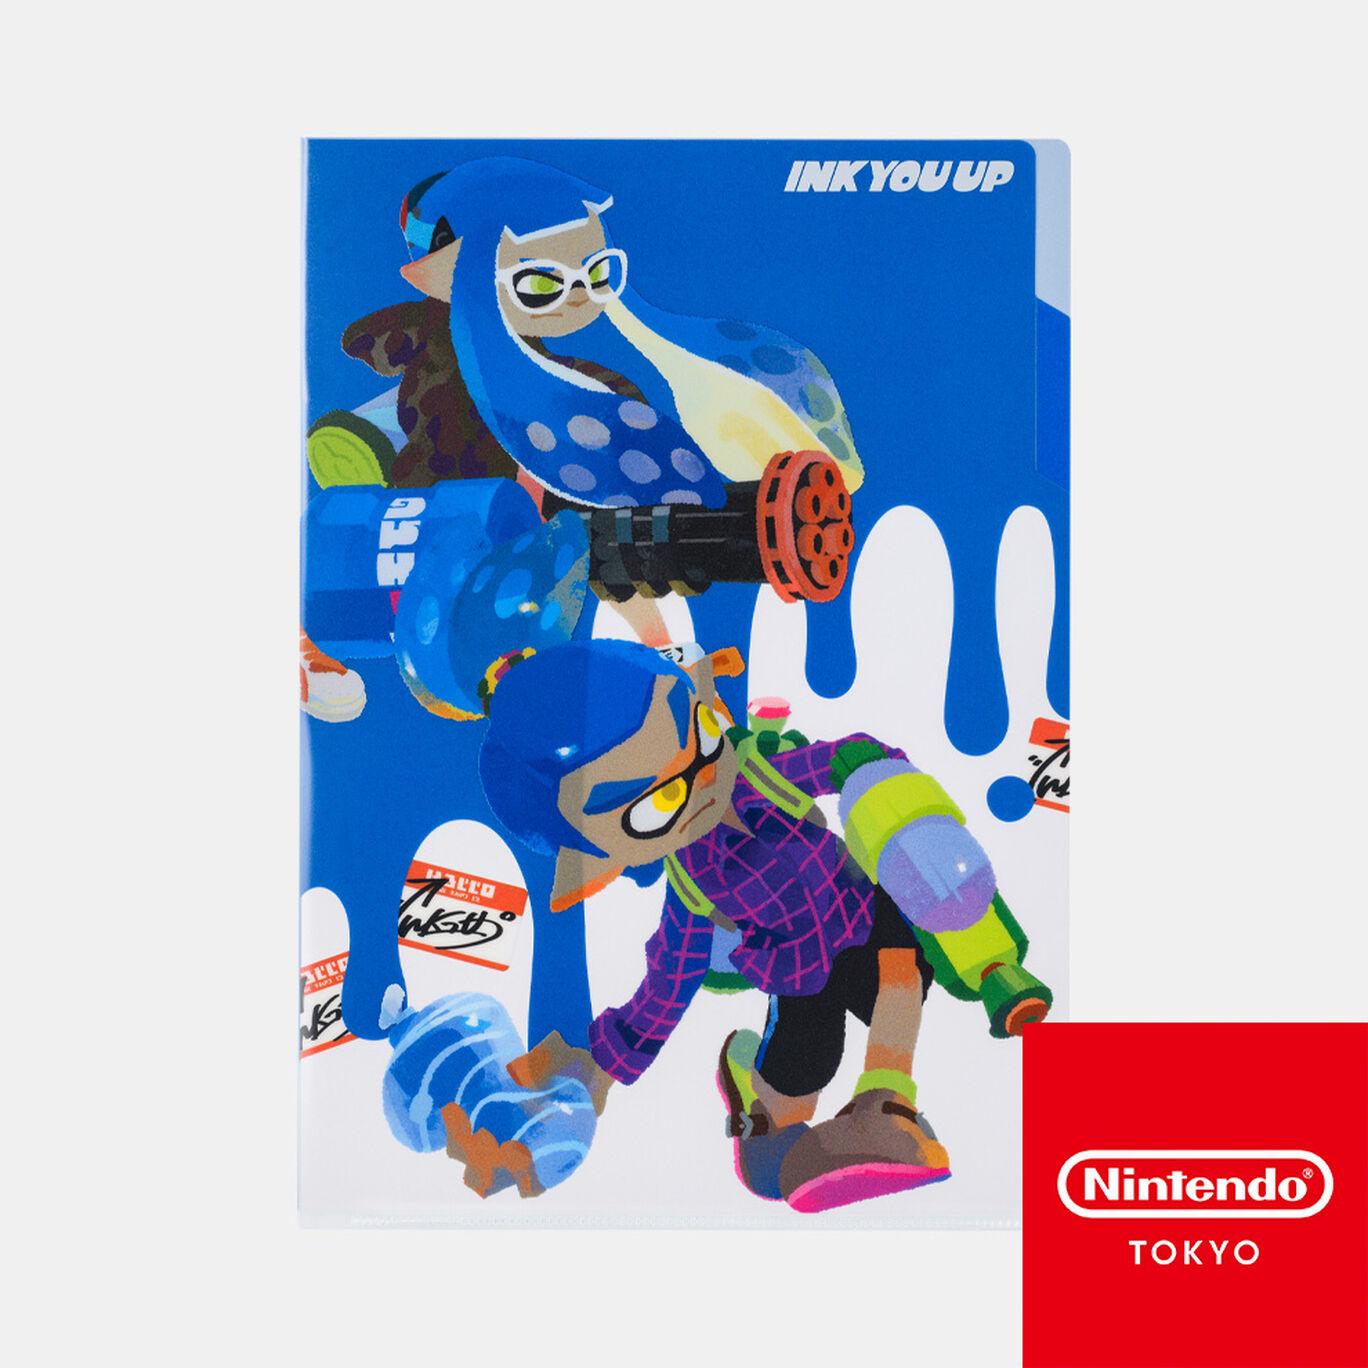 クリアファイル B INK YOU UP【Nintendo TOKYO取り扱い商品】